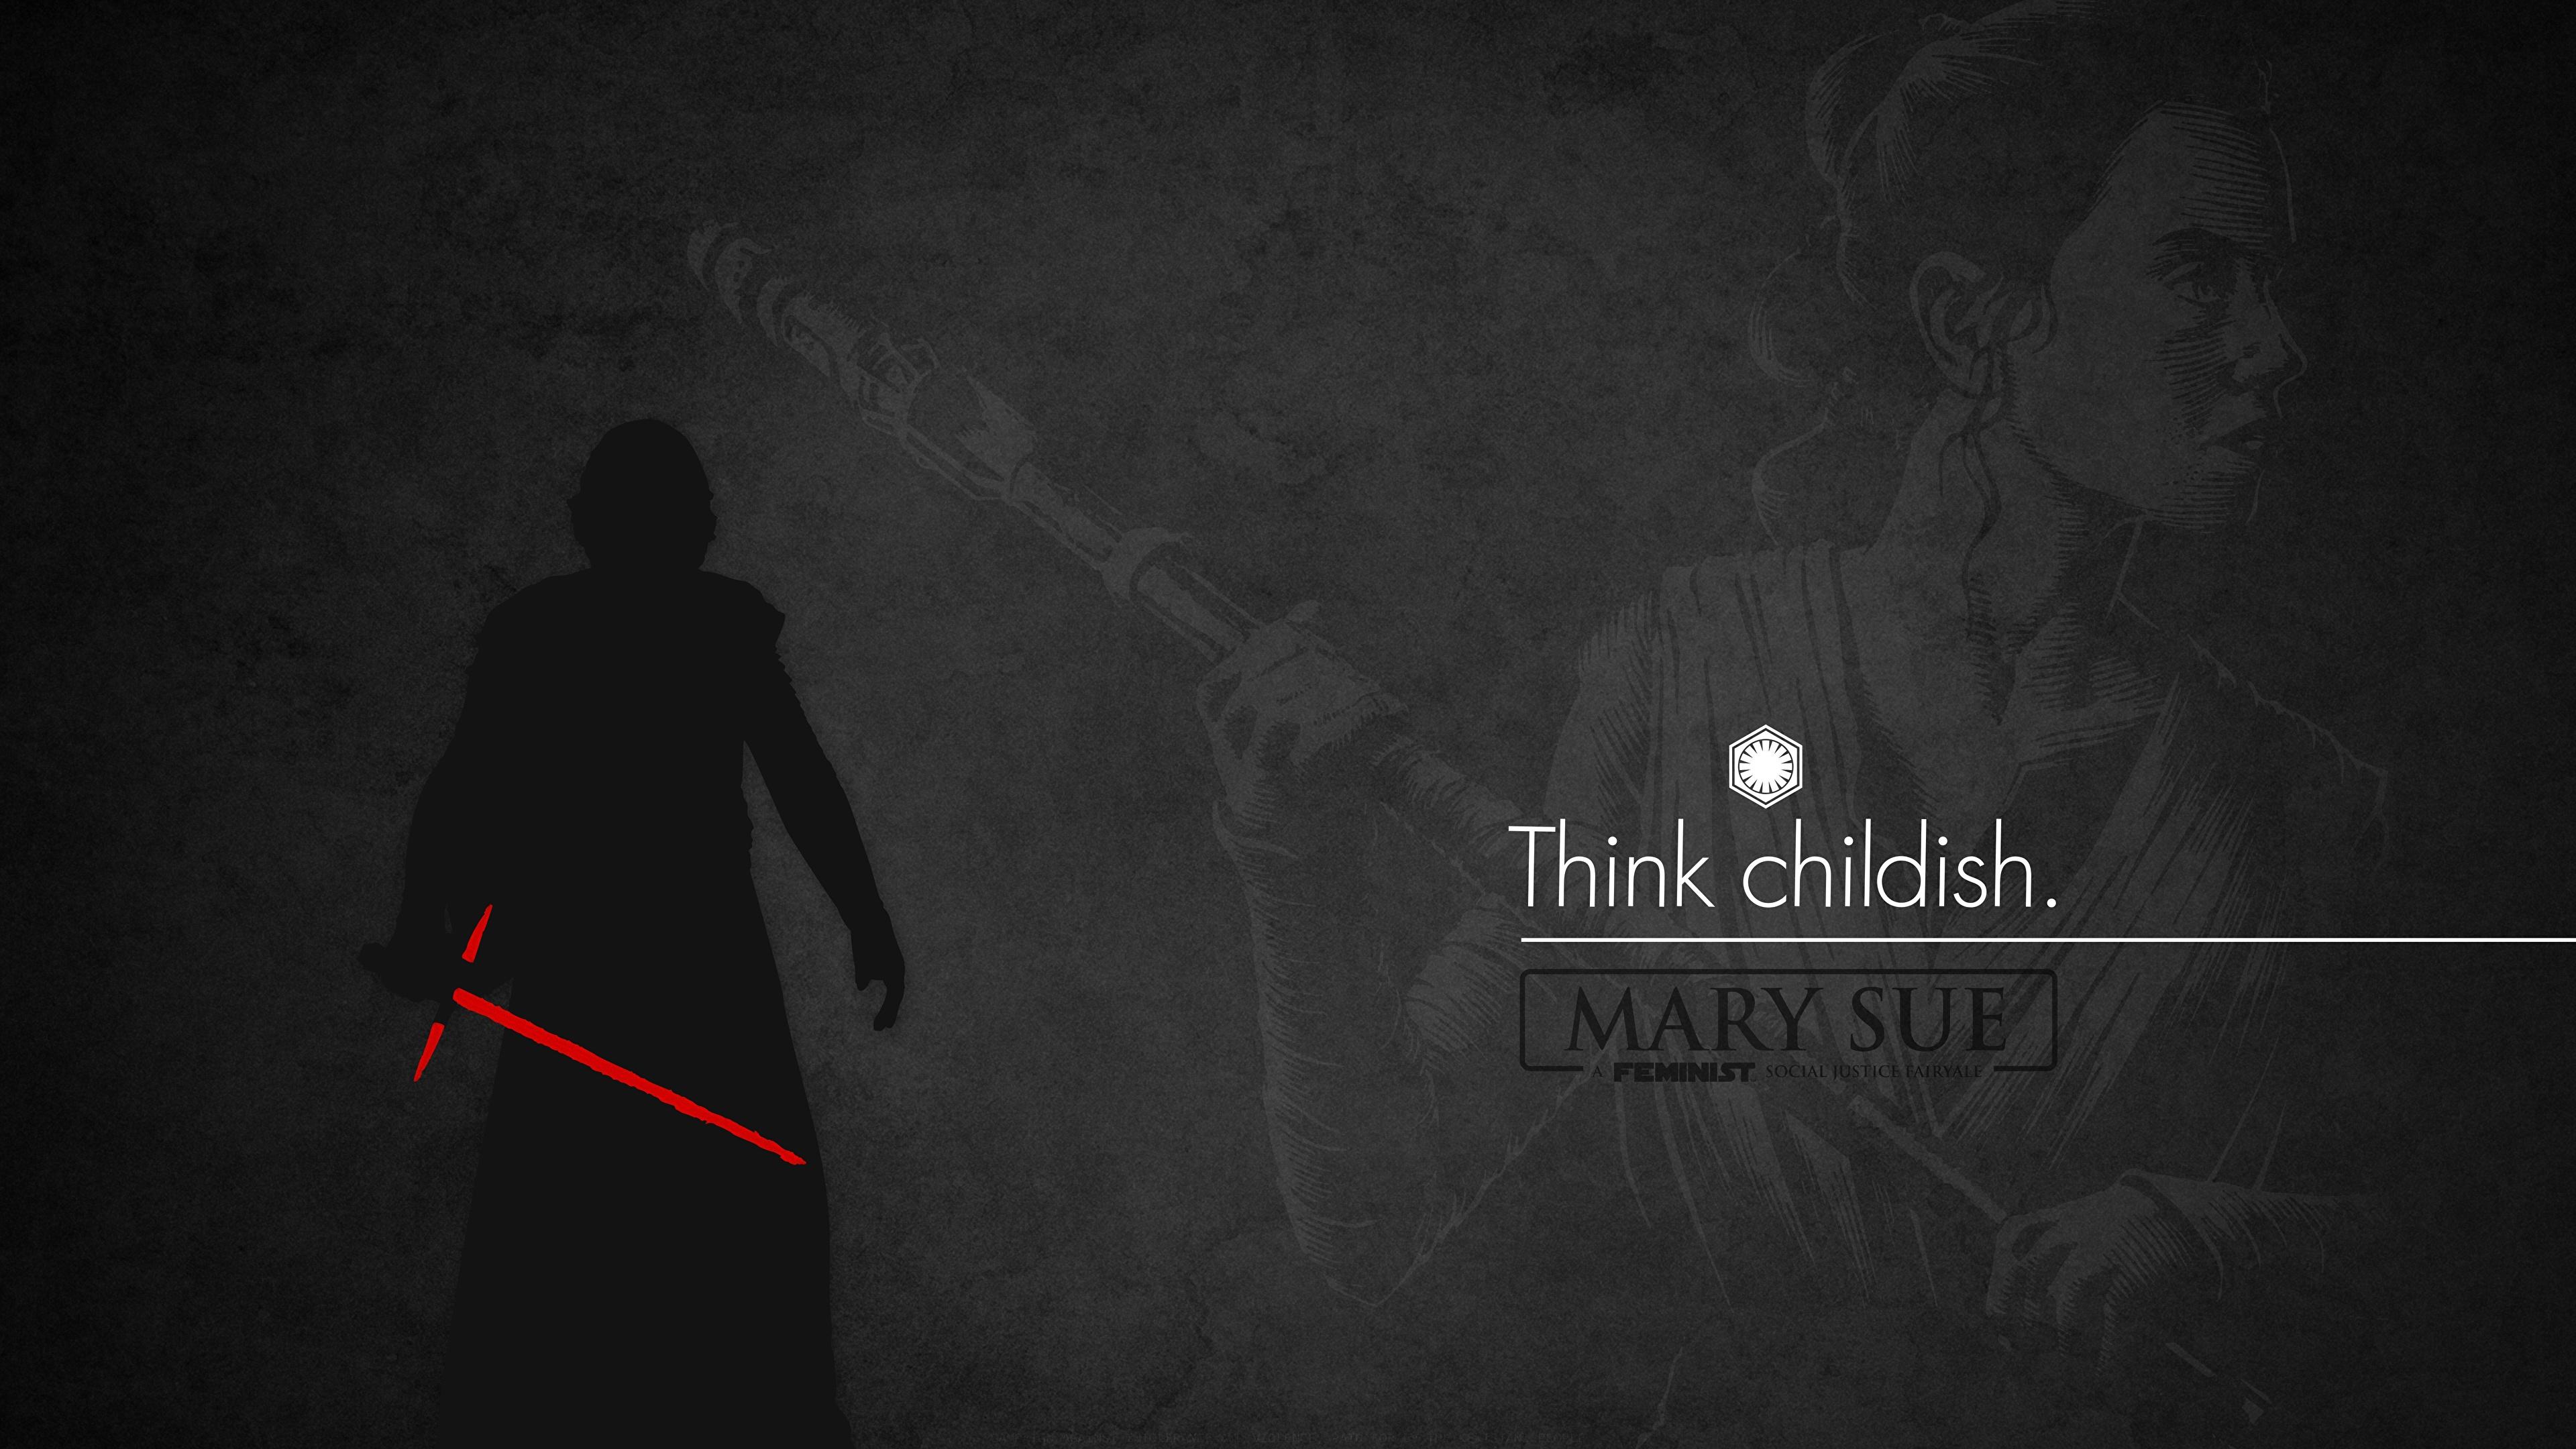 Фото Звёздные войны: Последние джедаи Дэйзи Ридли Мечи Силуэт Think childish Фильмы 3840x2160 меч меча с мечом силуэты силуэта кино